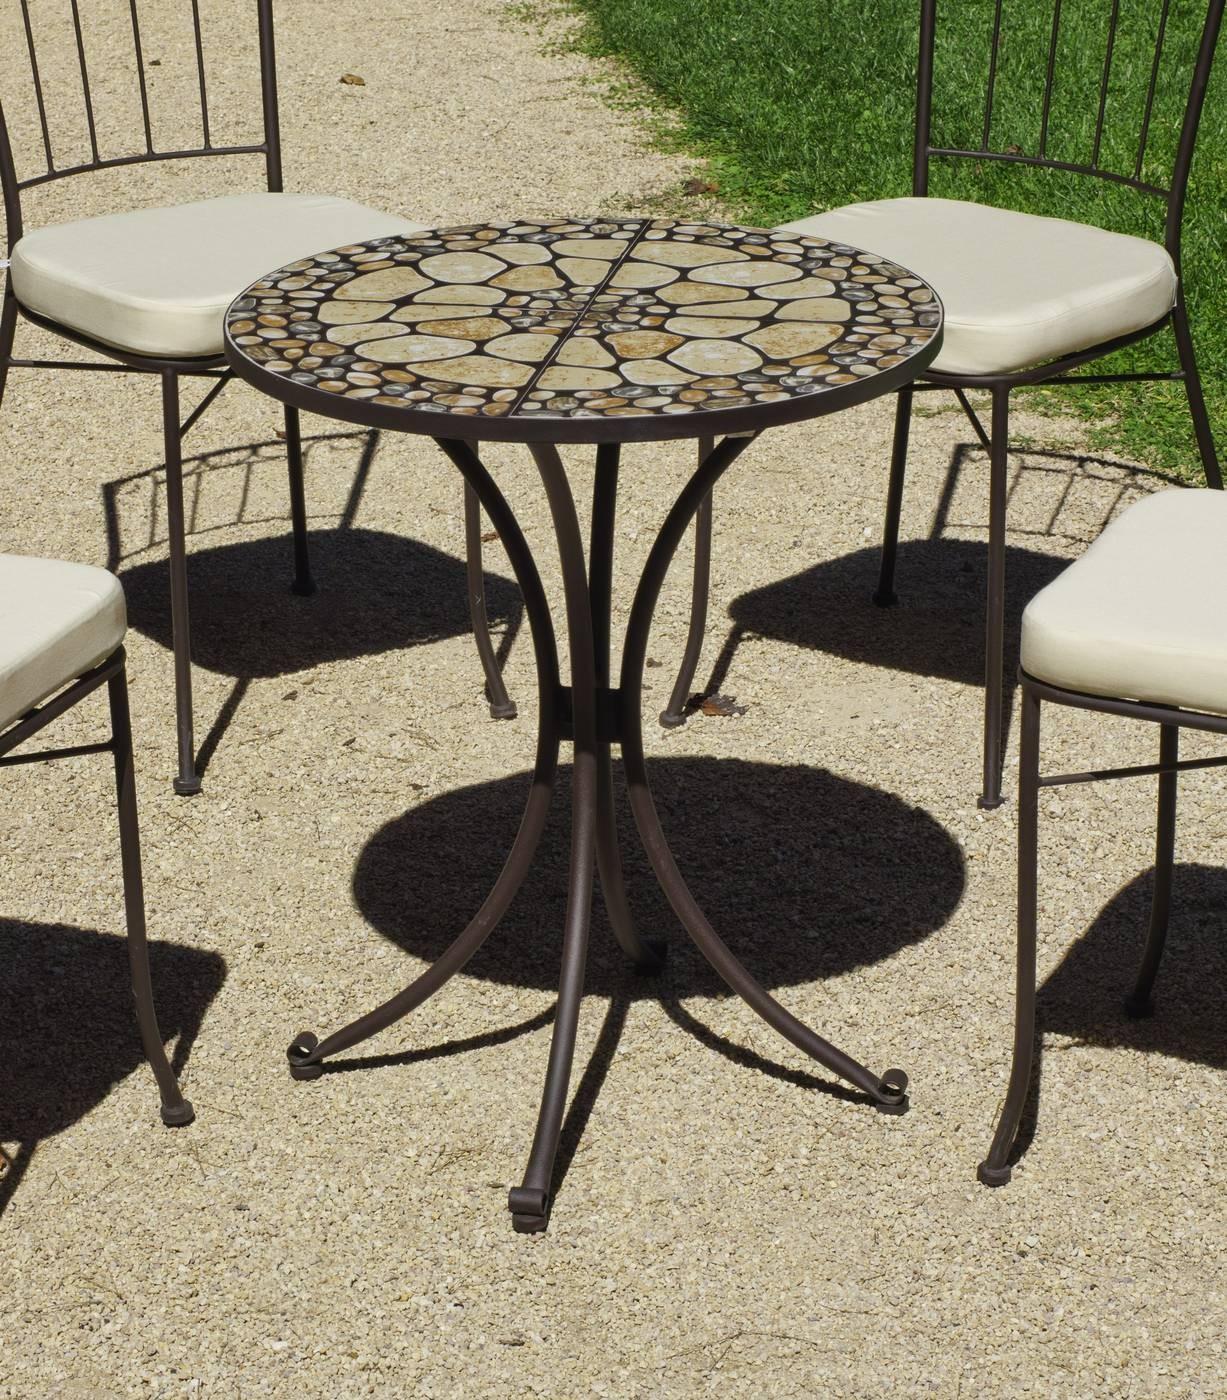 Conjuntos de mesas y sillas de jardin mesa redonda para for Mesas y sillas para terraza